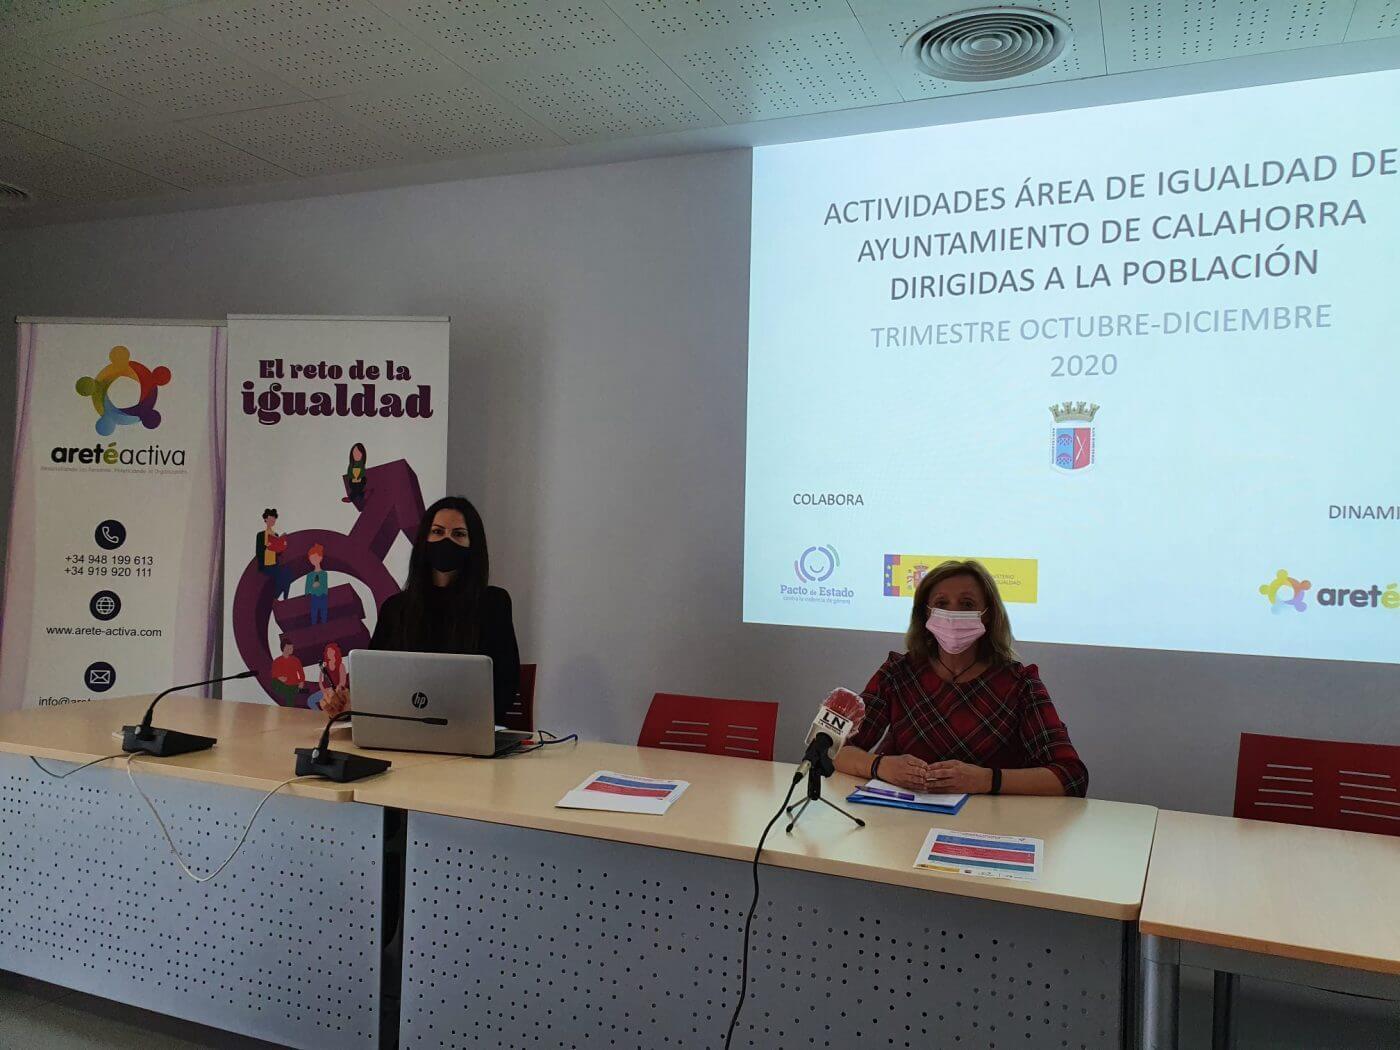 El ayuntamiento de Calahorra presenta las actividades trimestrales de la Concejalía de Igualdad, que incluyen talleres y sesiones virtuales para todas las edades